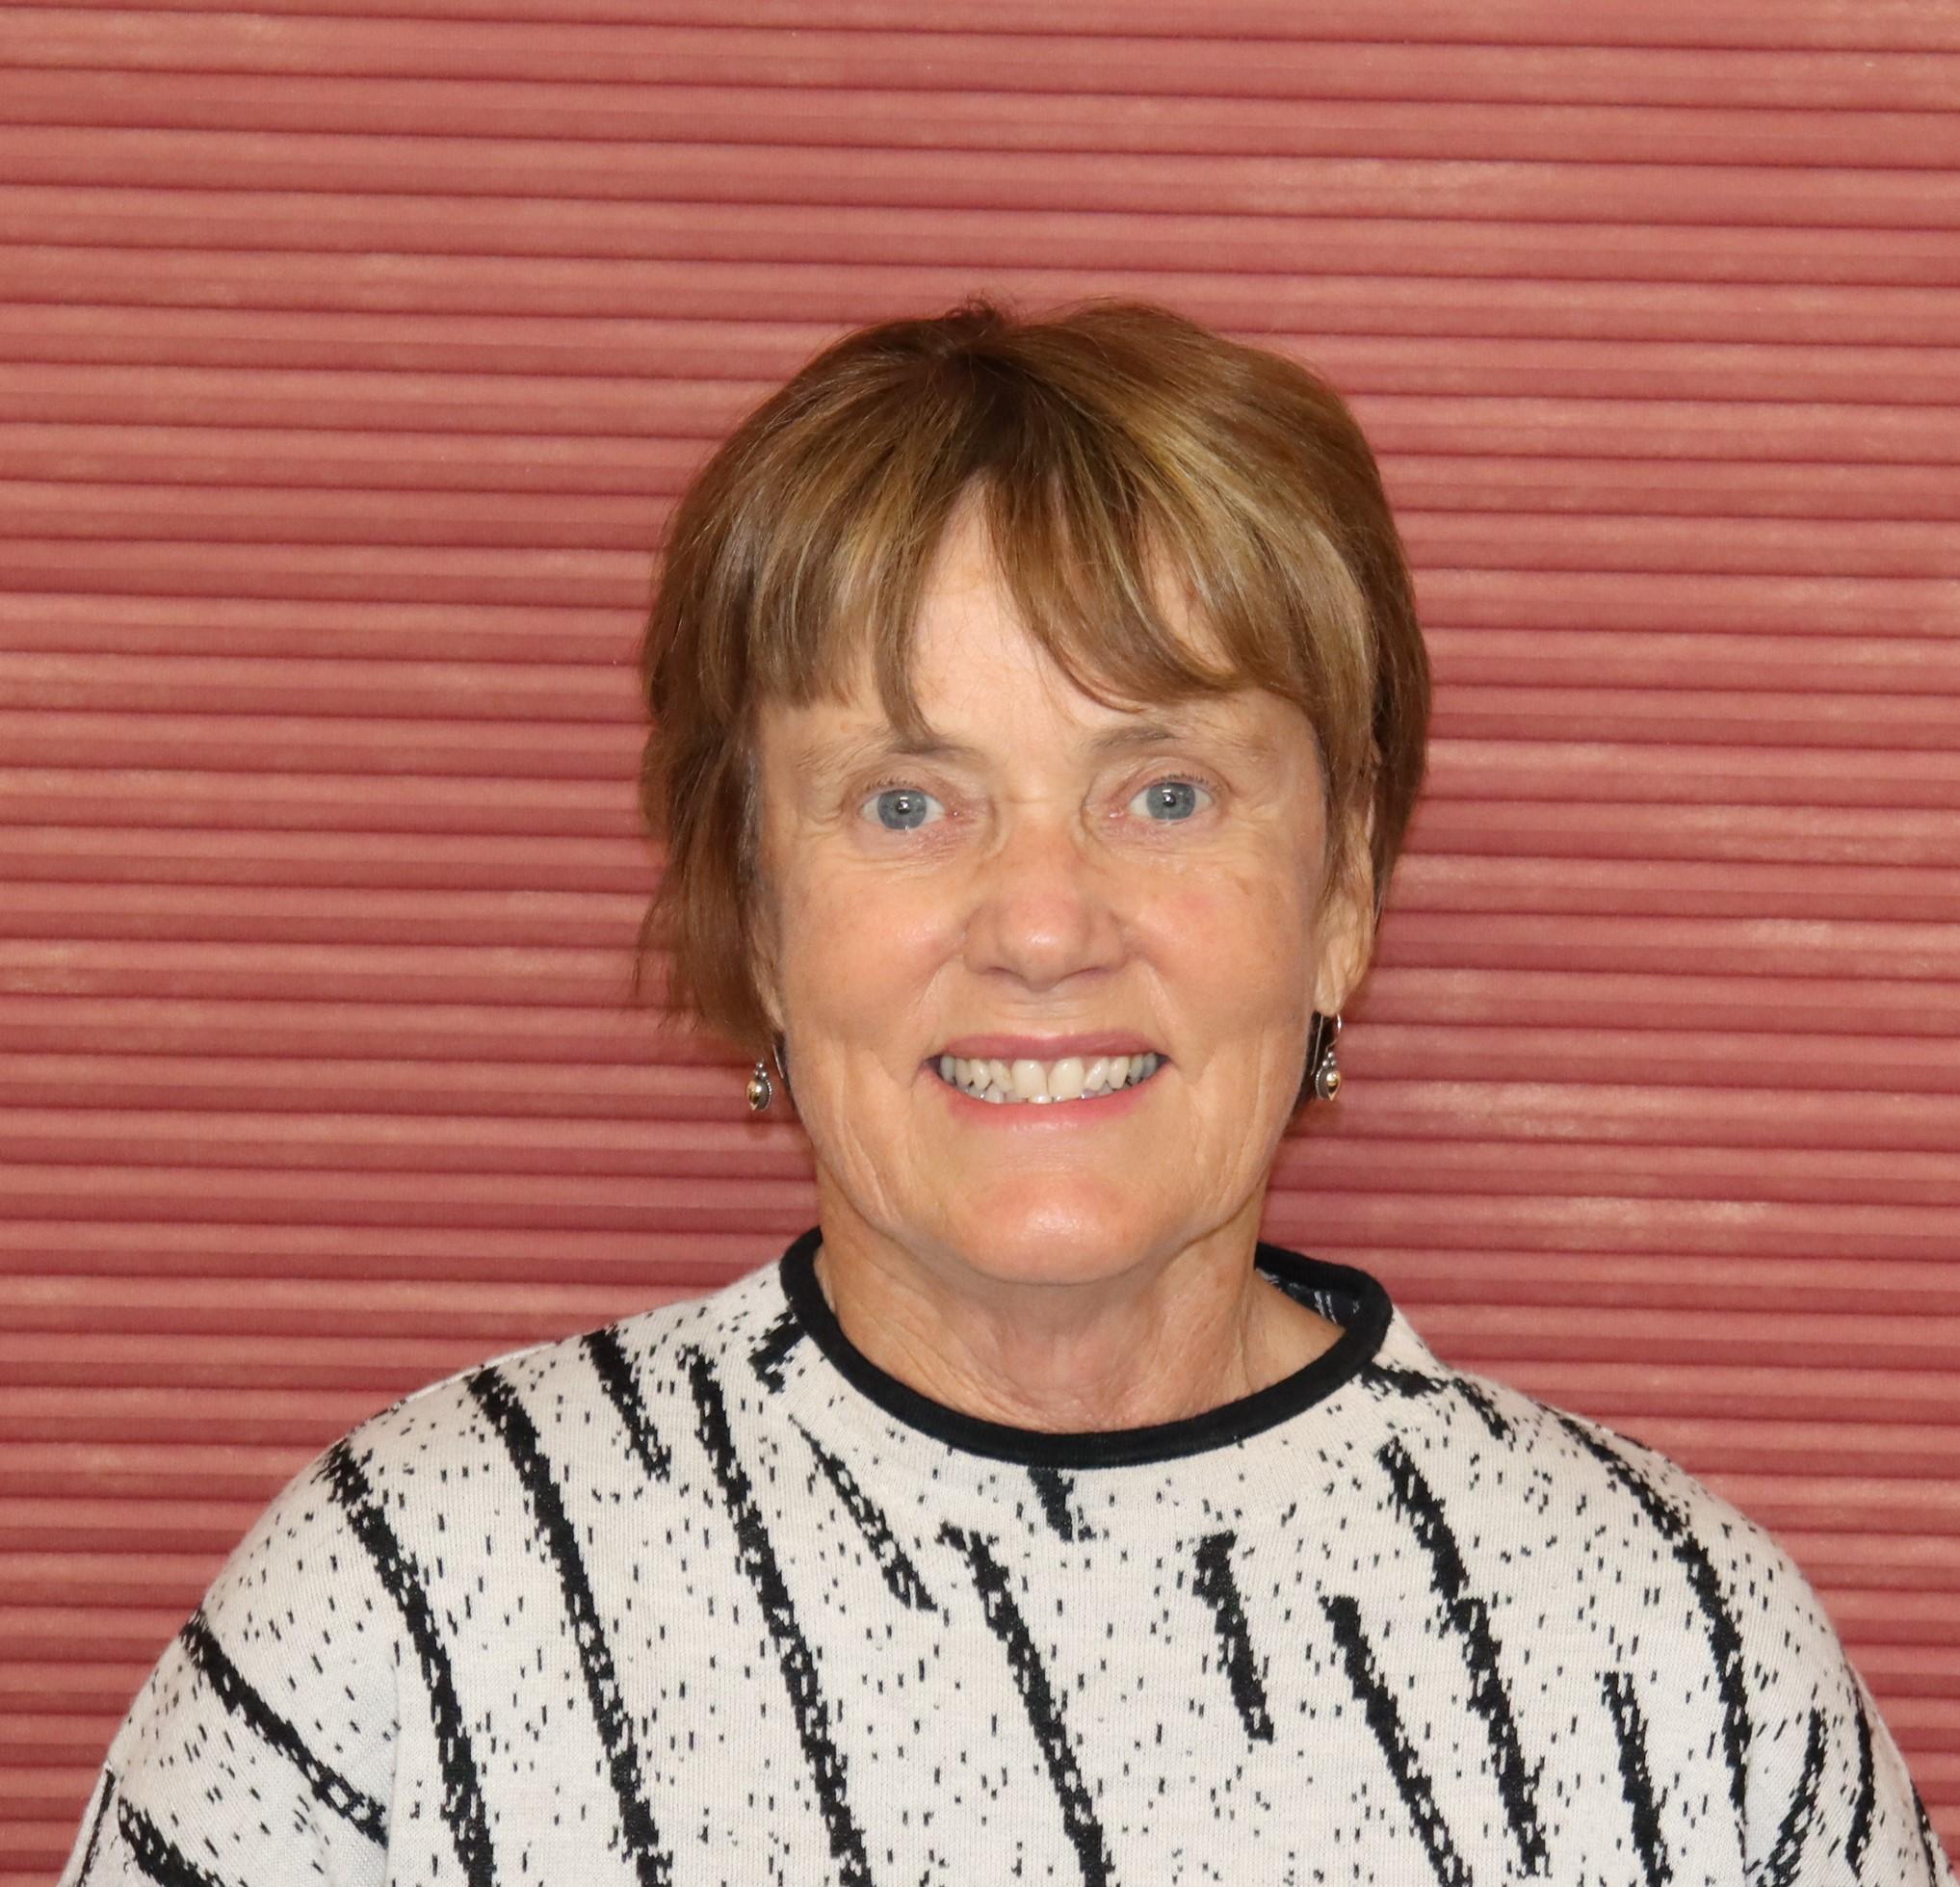 Robyn Cartwright